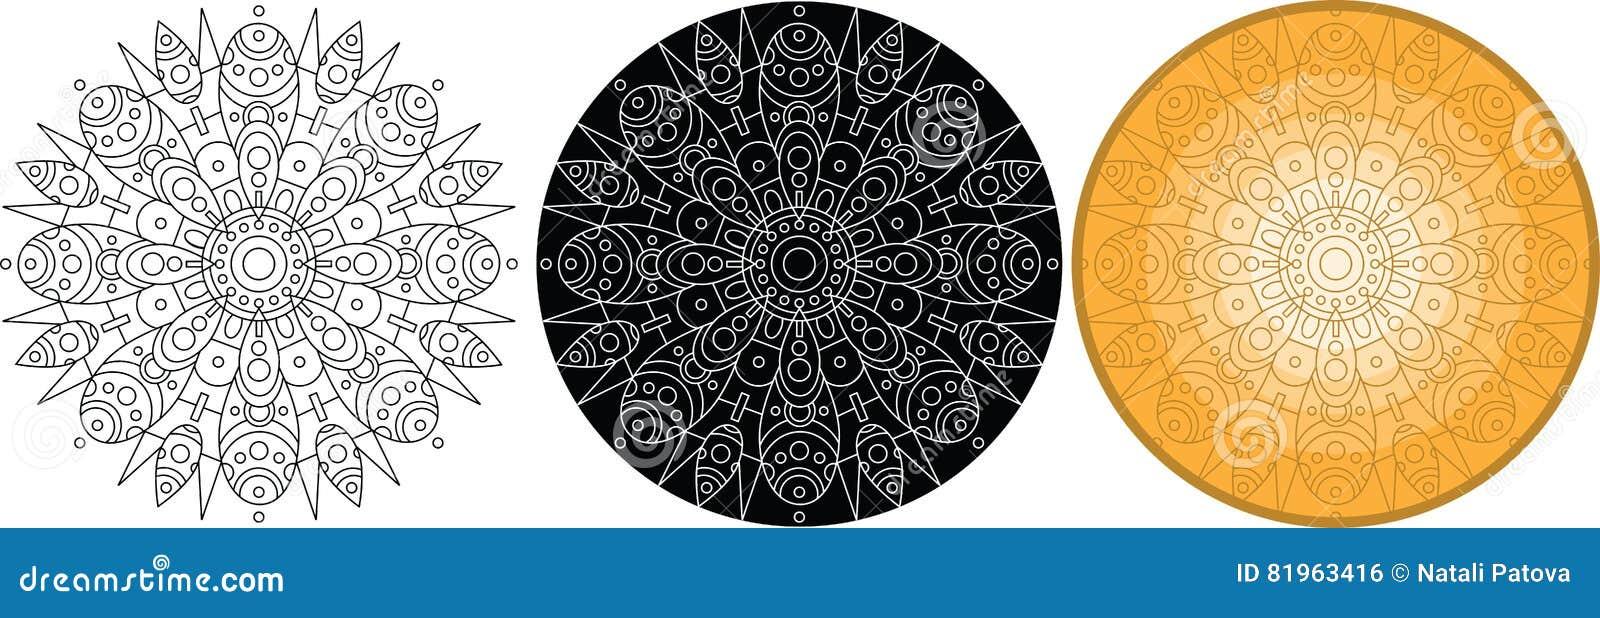 Coloriage Fleur Doranger.Mandala De Fleur Pour Livre De Coloriage Ornement Rond Illustration